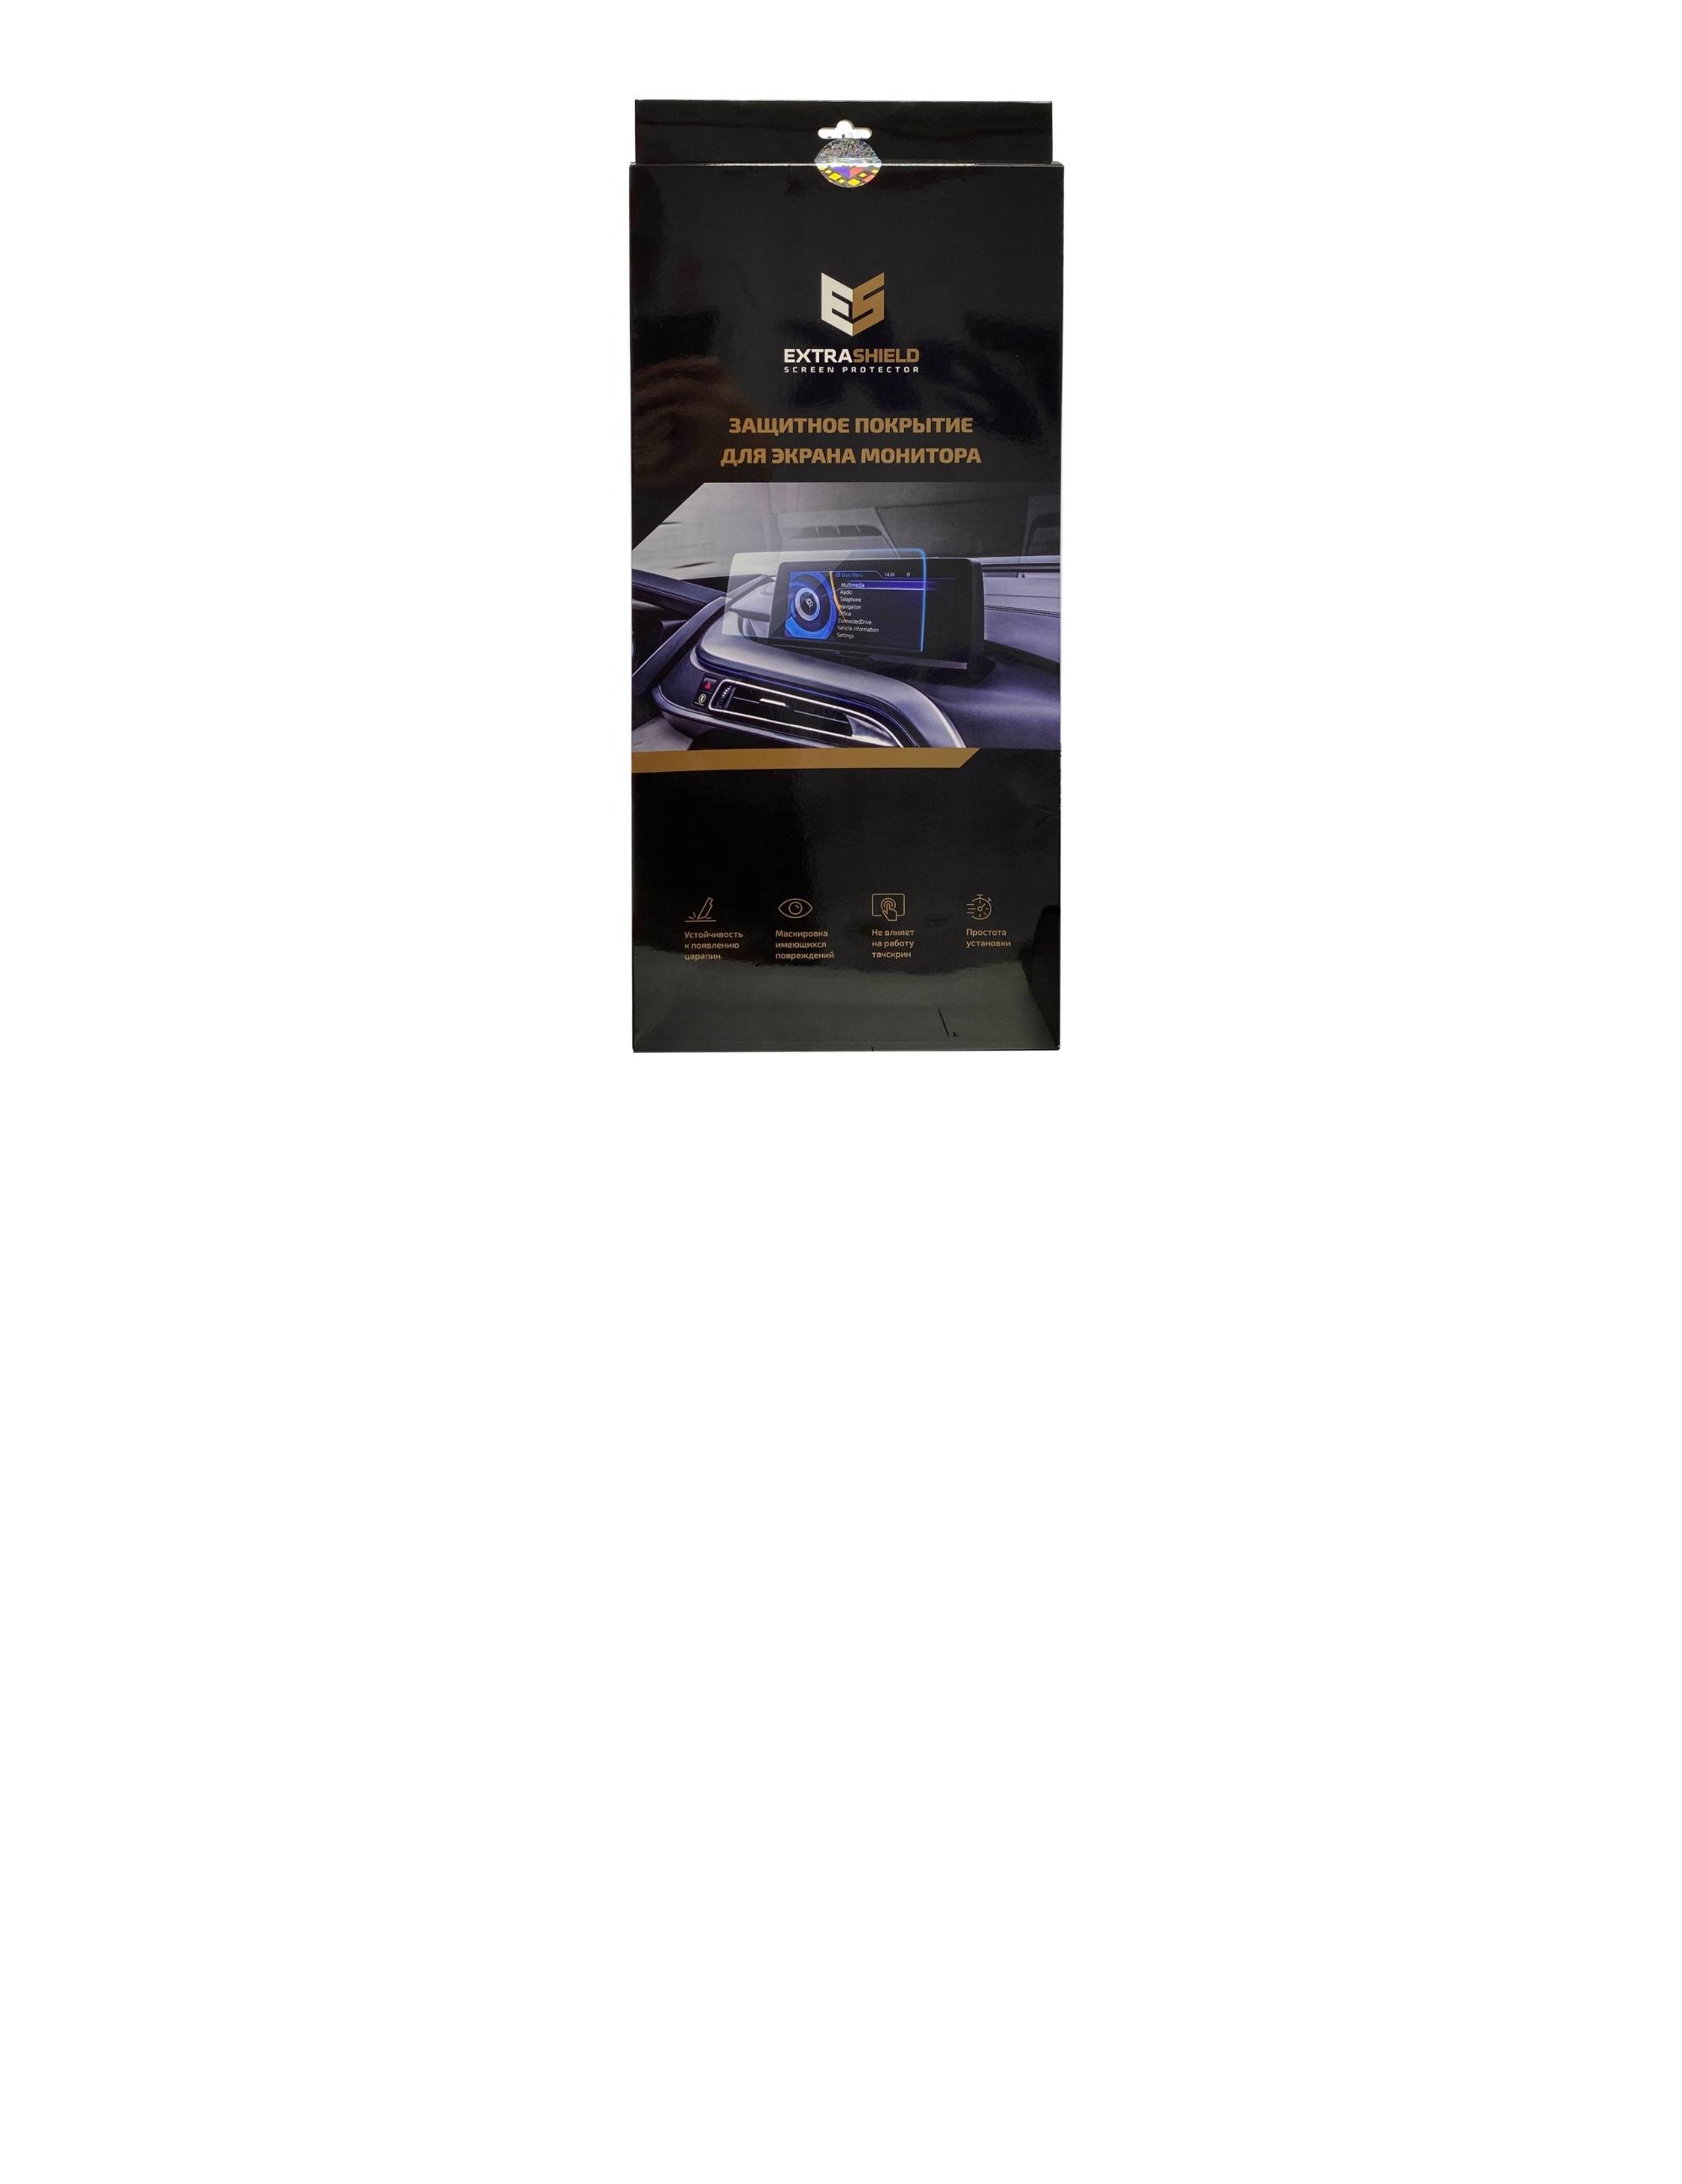 Audi A7 II (4K) 2017 - н.в. мультимедиа+климат контроль 10.2-8.6 Защитное стекло Глянец